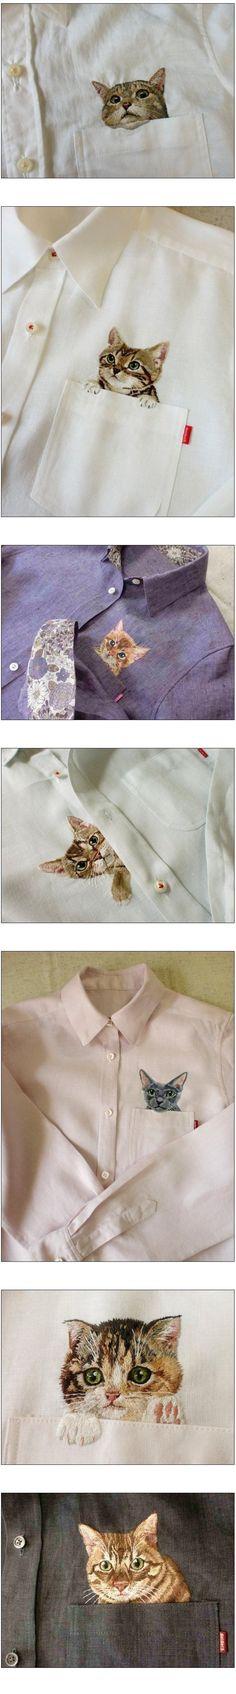 이거 입고 고양이 카페 가면 여친 생김 | Daum 루리웹 가지고 싶다.. 핥핥